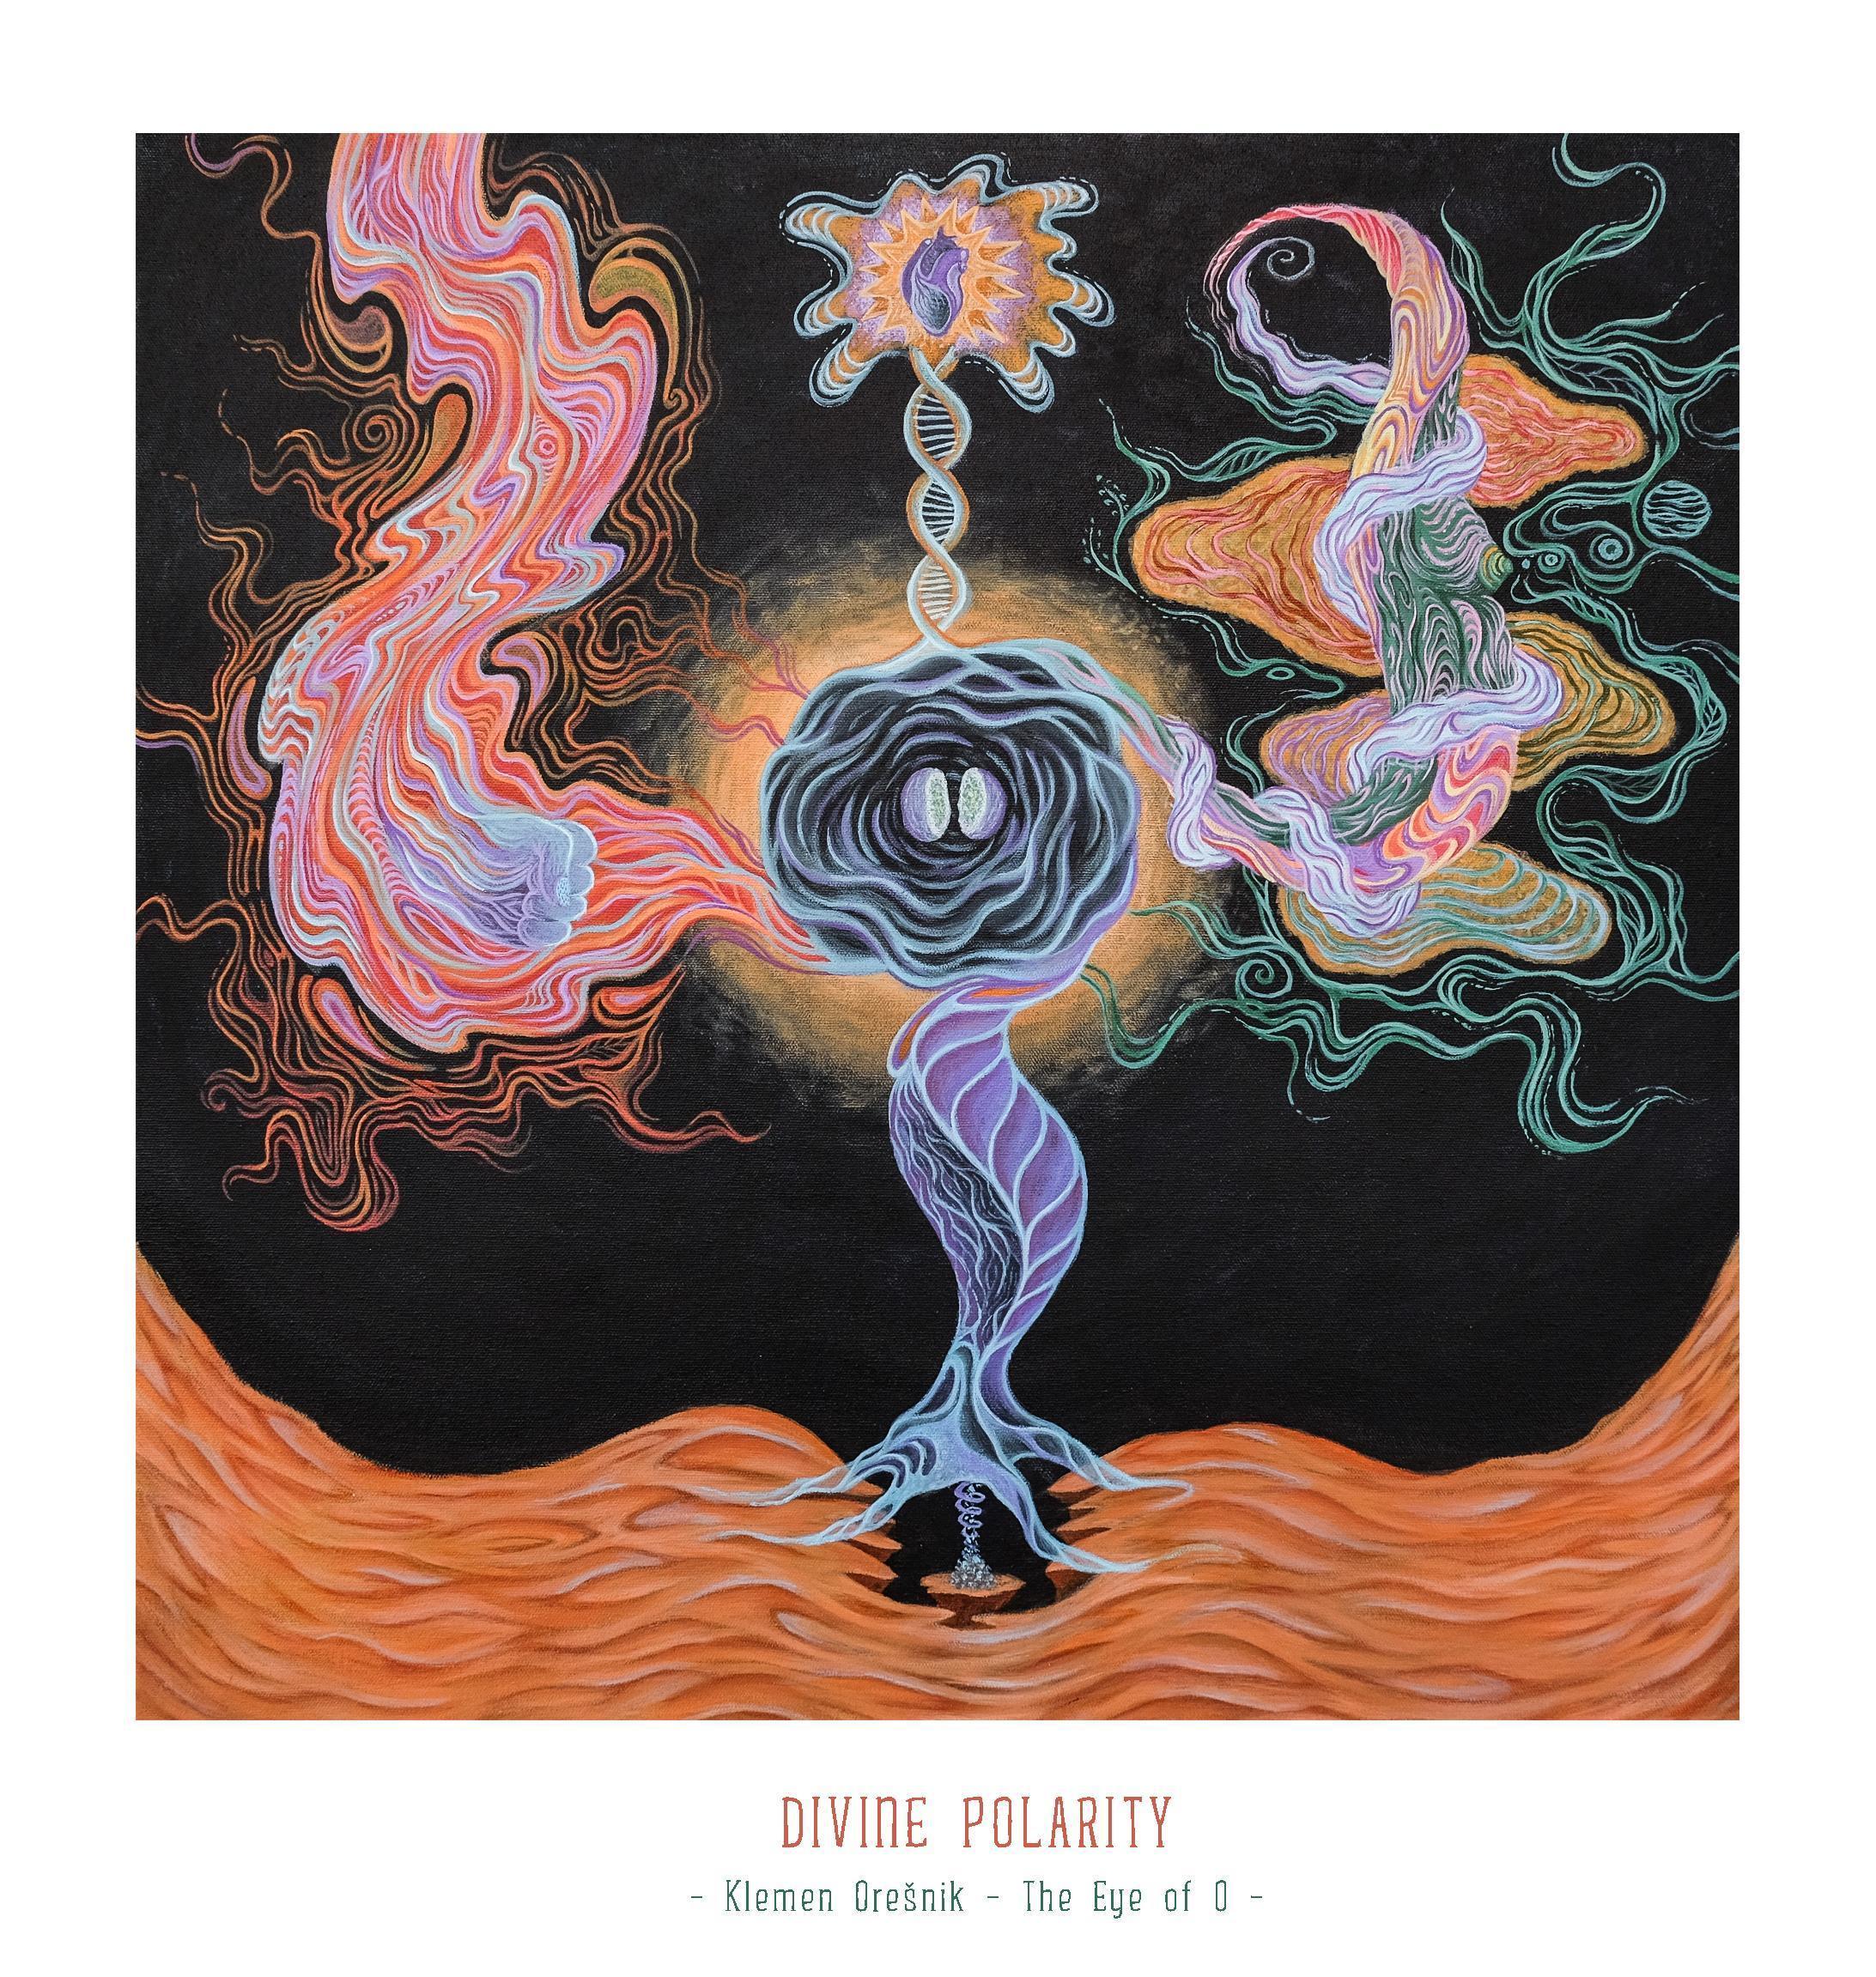 Divine Polarity – Klemen Orešnik